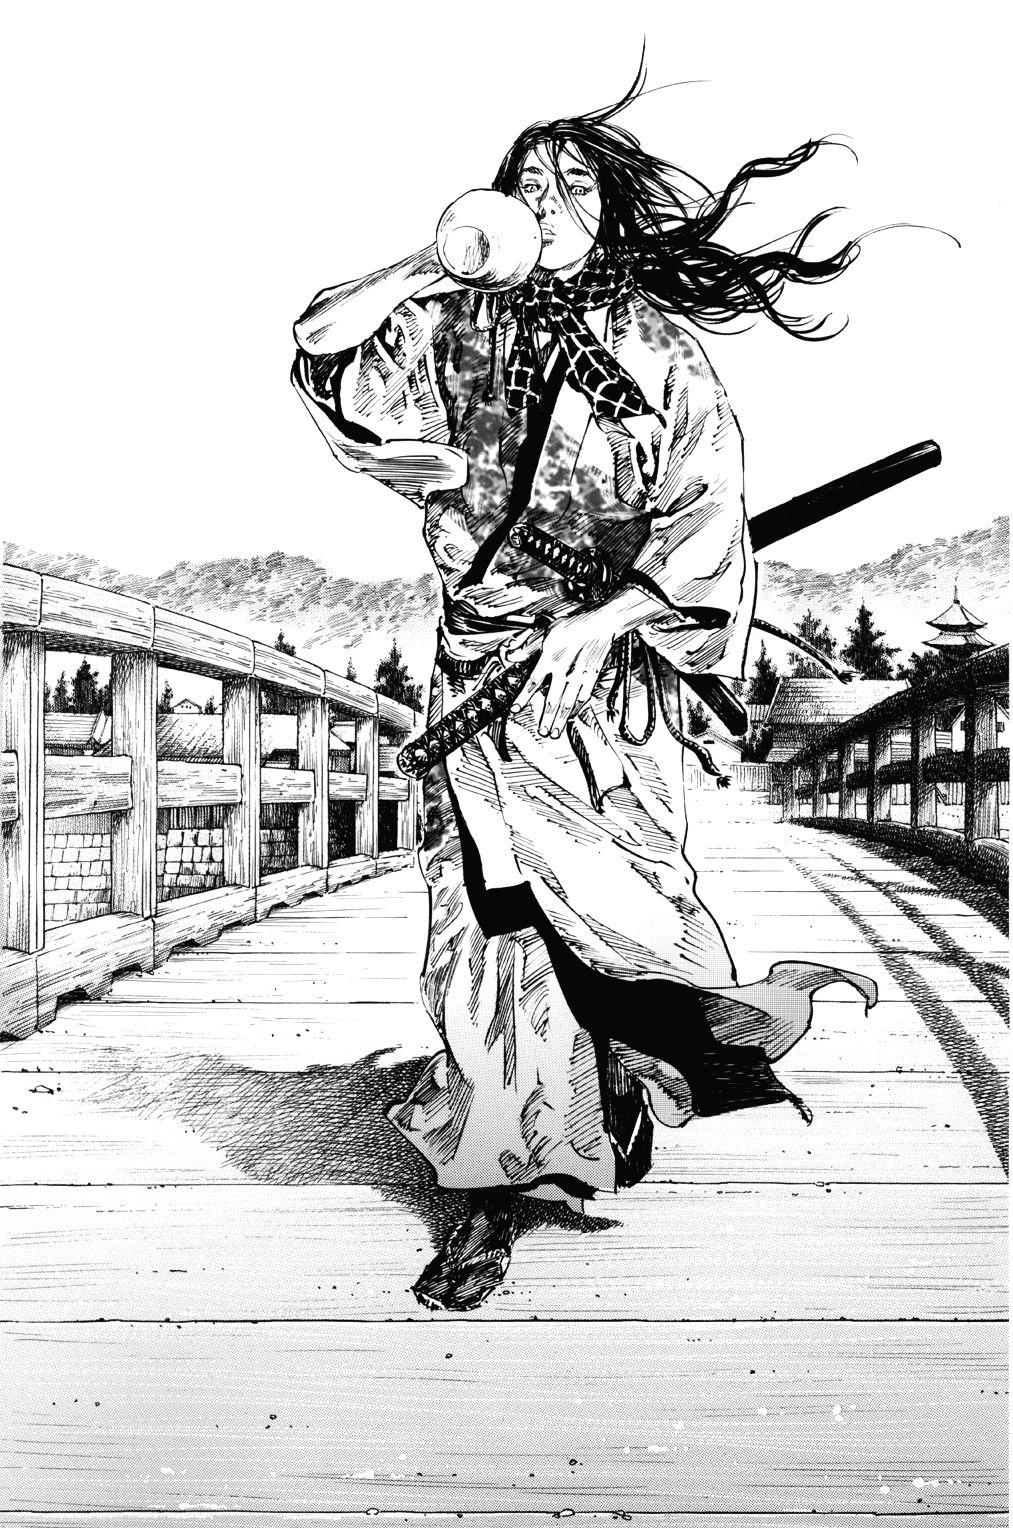 Vagabond Illustrations Seijuro Yoshioka By Takehiko Inoue